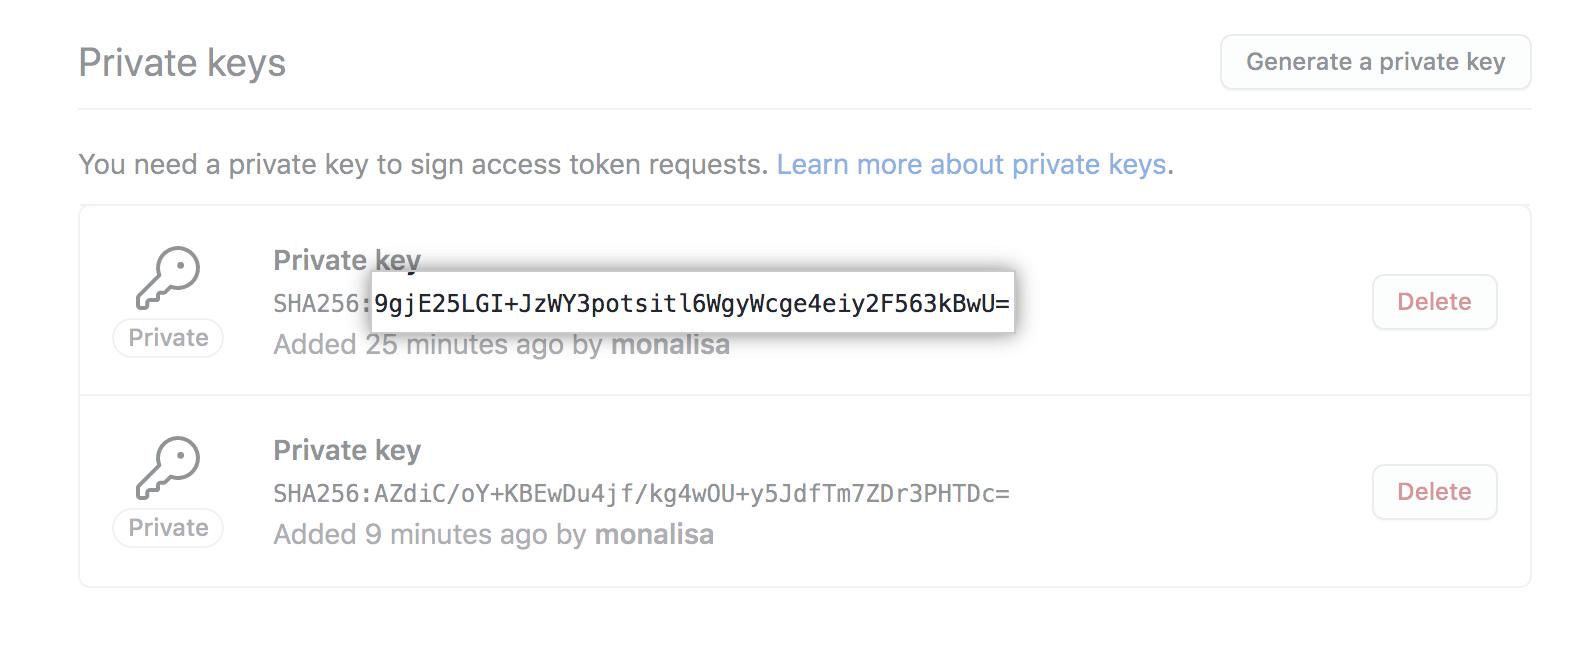 Private key fingerprint